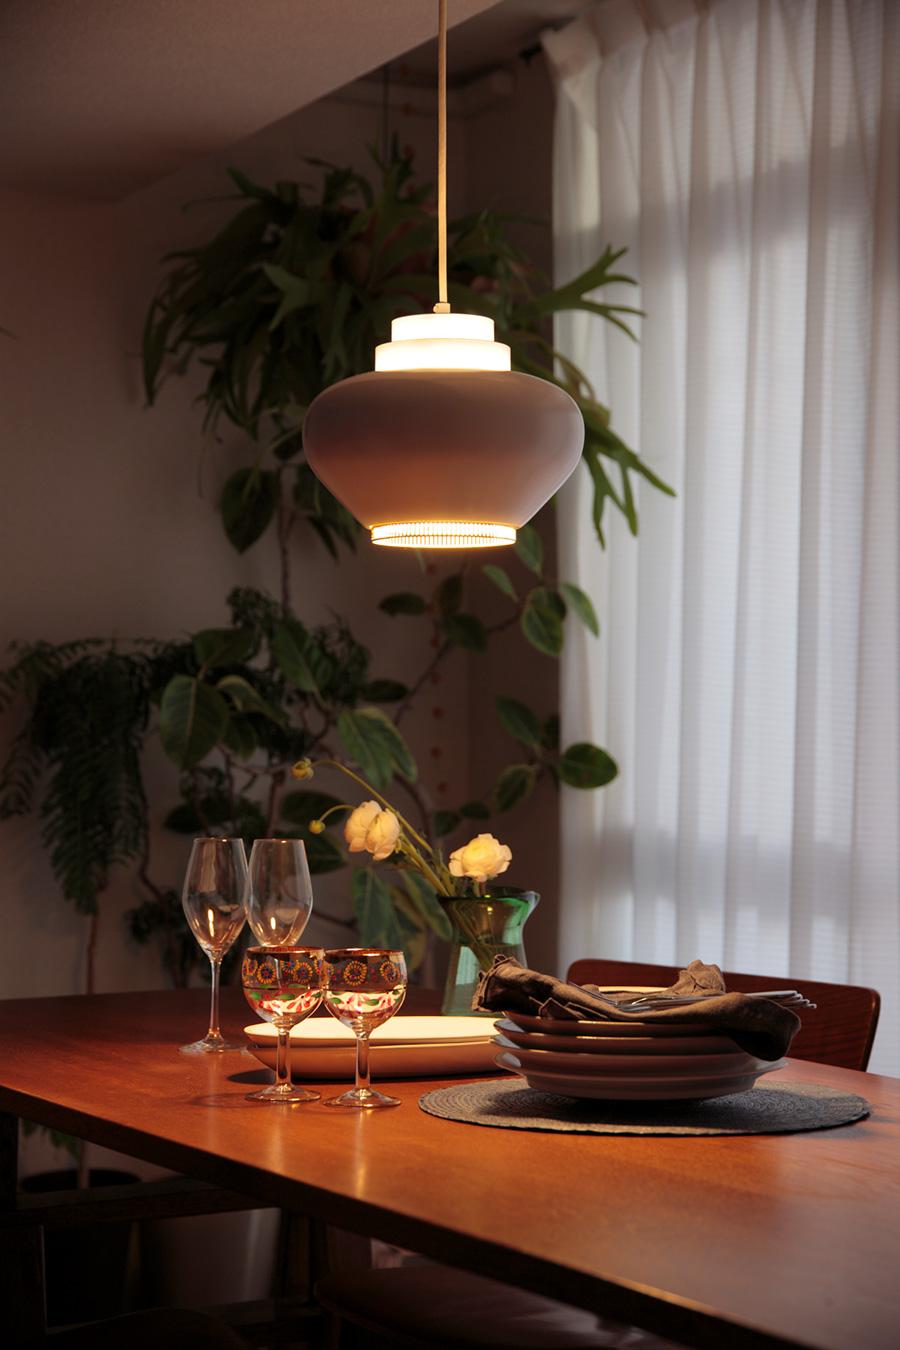 ディナータイムはペンダントライトが暖かな食卓を演出。テーブルに合う大きさで、吊るす高さはテーブルの上からライトの下まで70cmくらいが一般的。